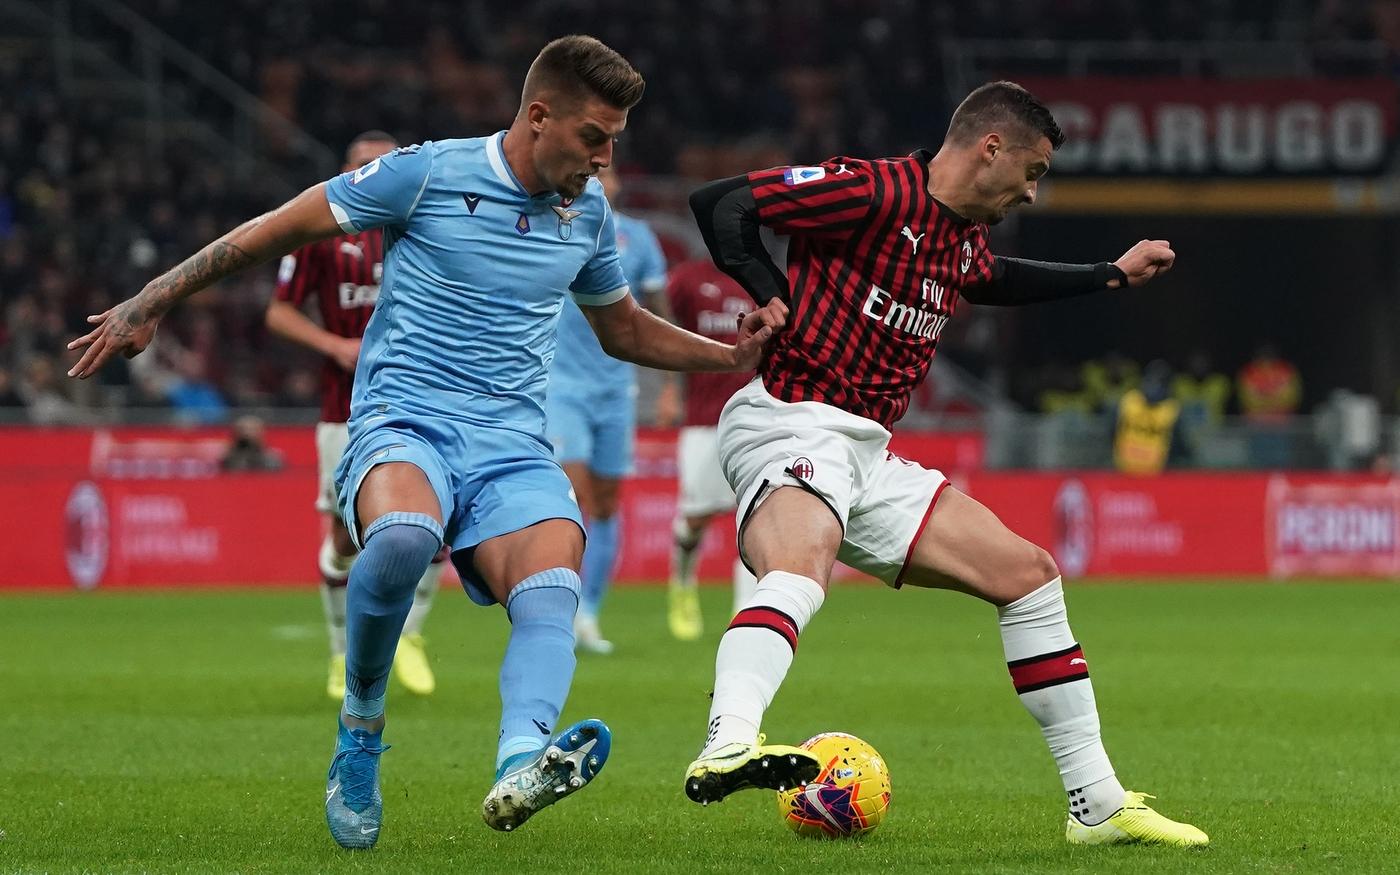 Risultati Serie A 11 Giornata Colpaccio Della Sampdoria La Classifica Aggiornata